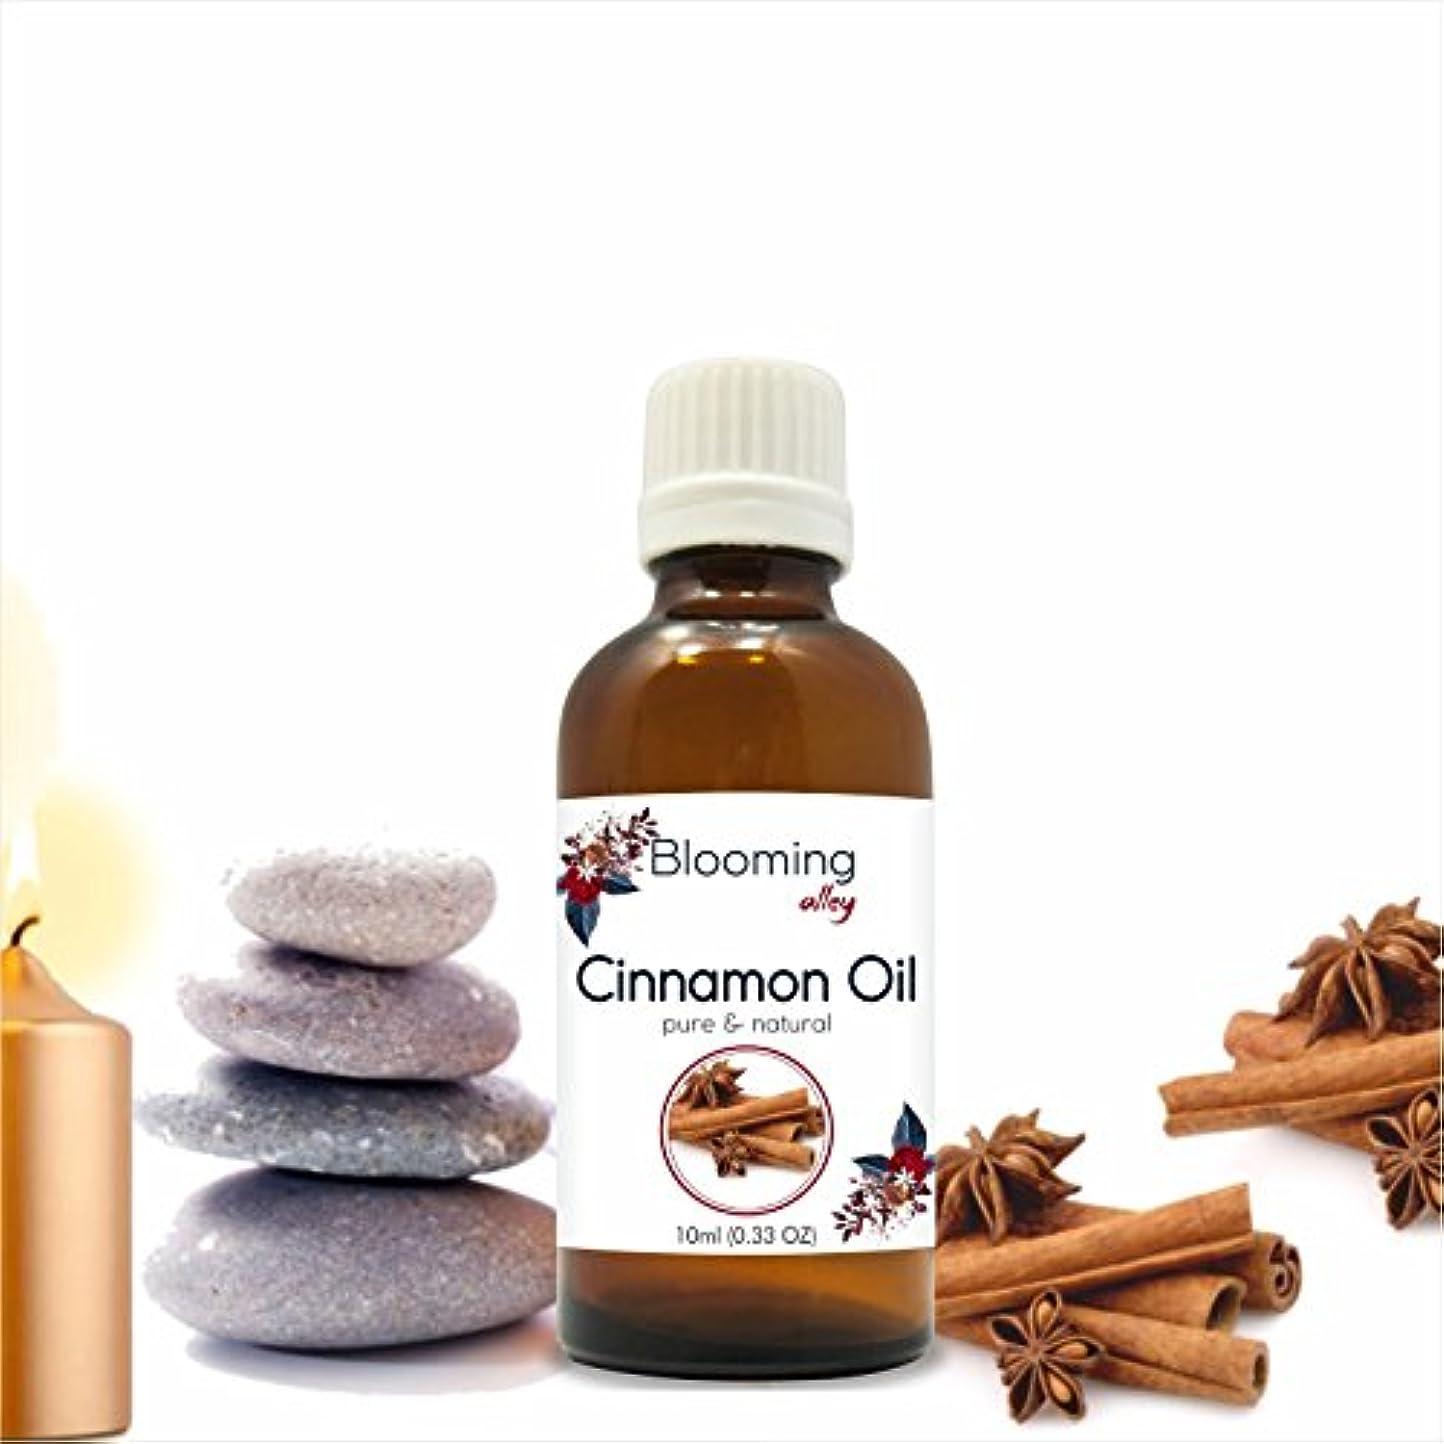 引き受けるトークセッションCinnamon Oil (Cinnamomum Cassia) Essential Oil 10 ml or 0.33 Fl Oz by Blooming Alley